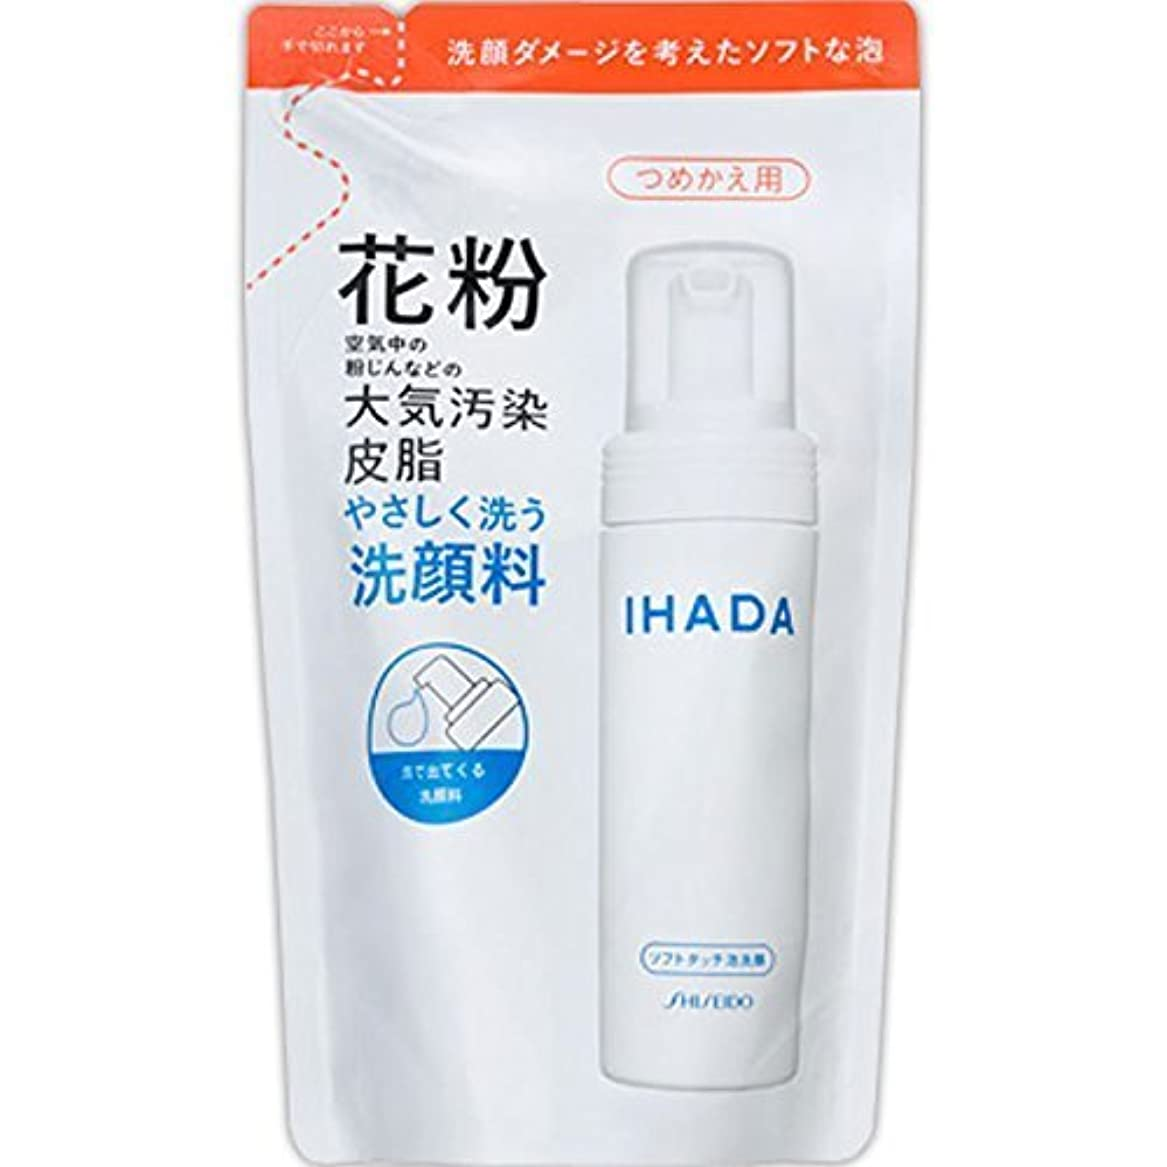 ネスト論理的不明瞭イハダ ソフトタッチ 洗顔料 つめかえ用 100ml